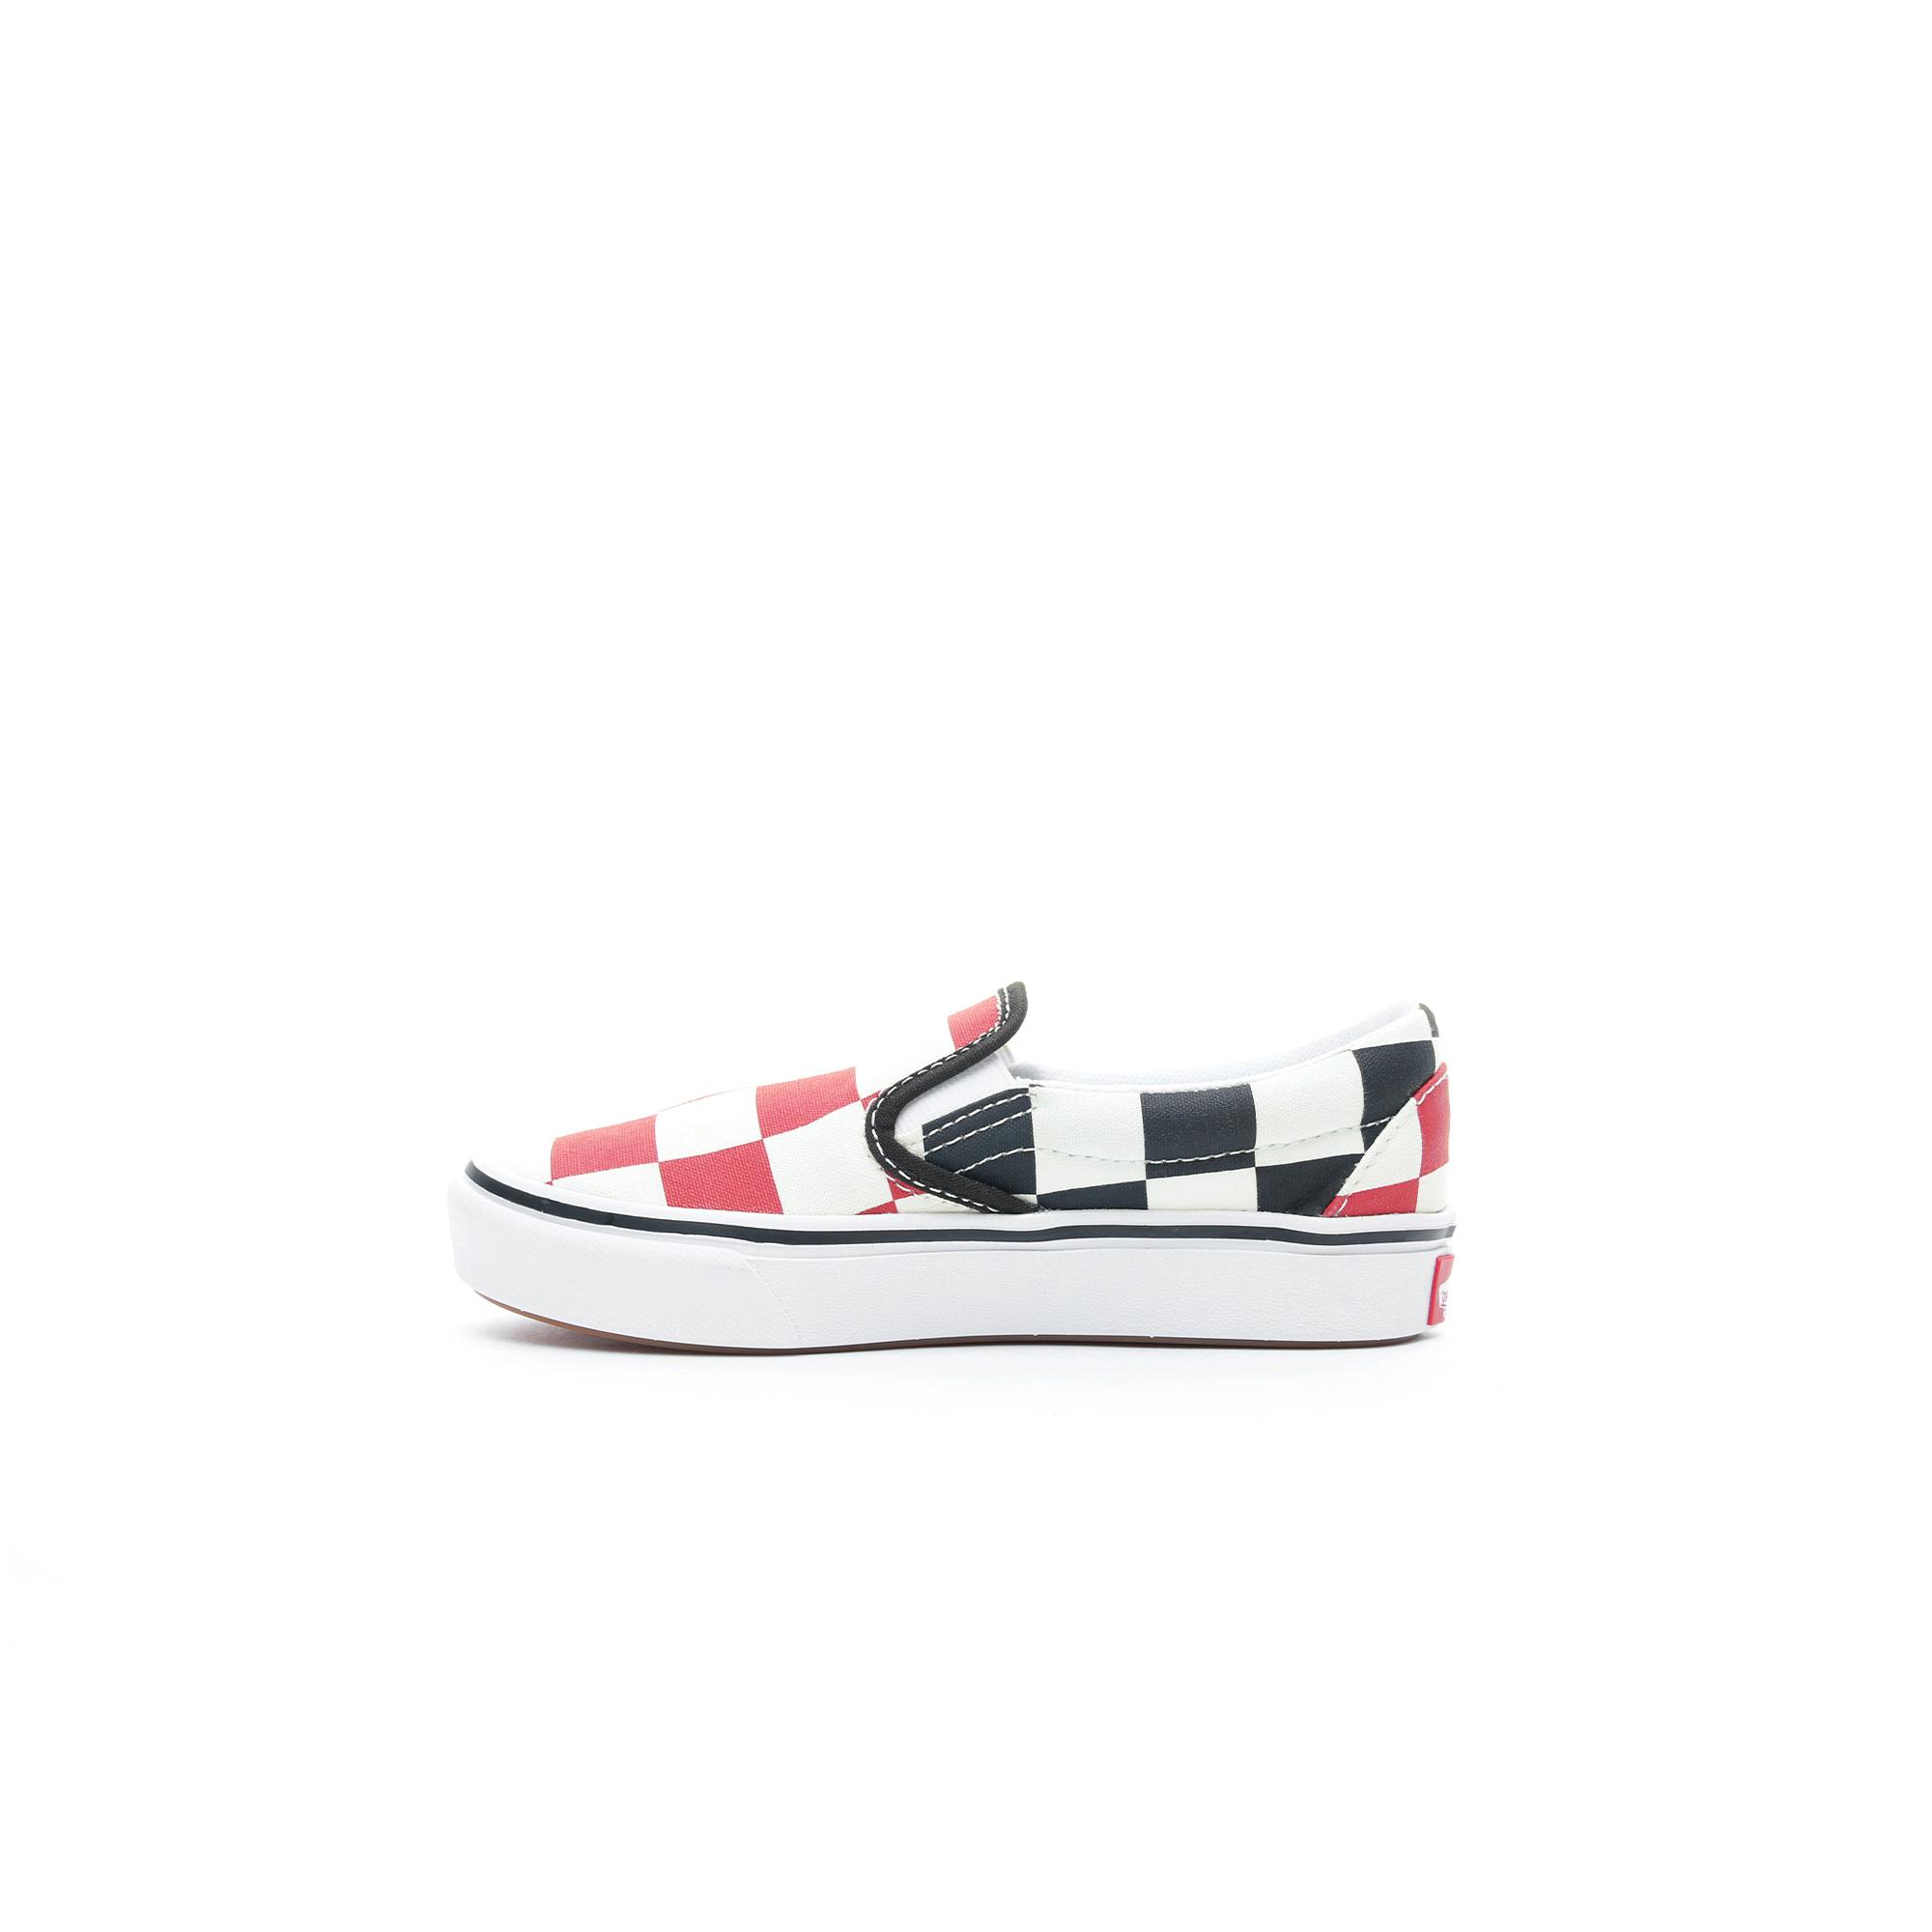 Vans ComfyCush Slip-On Çocuk Bej-Kırmızı Sneaker